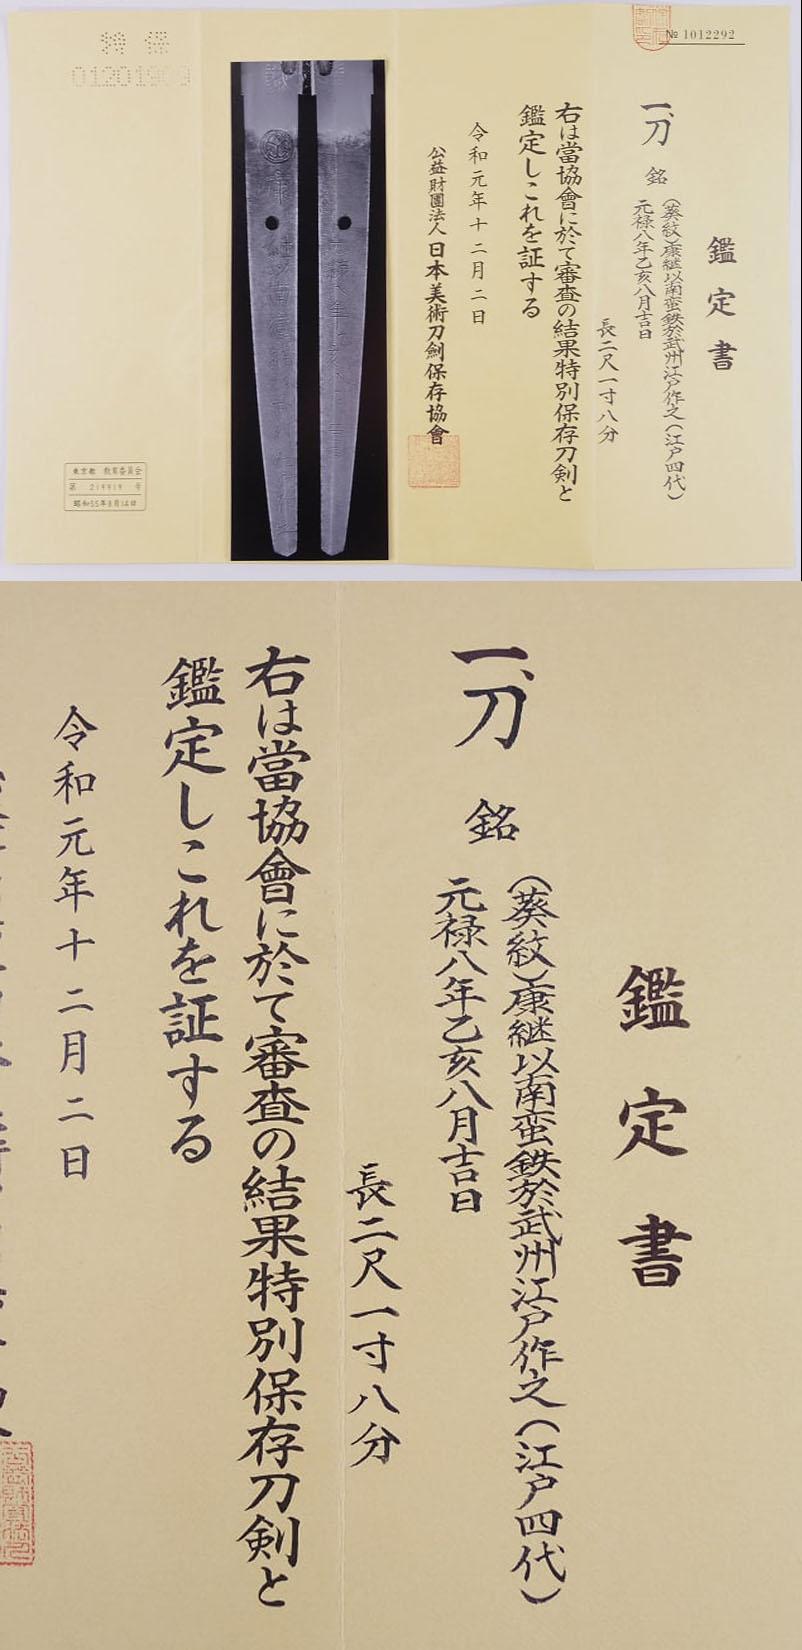 刀 (葵紋)康継以南蛮鉄於武州江戸作之(江戸四代)鑑定書画像